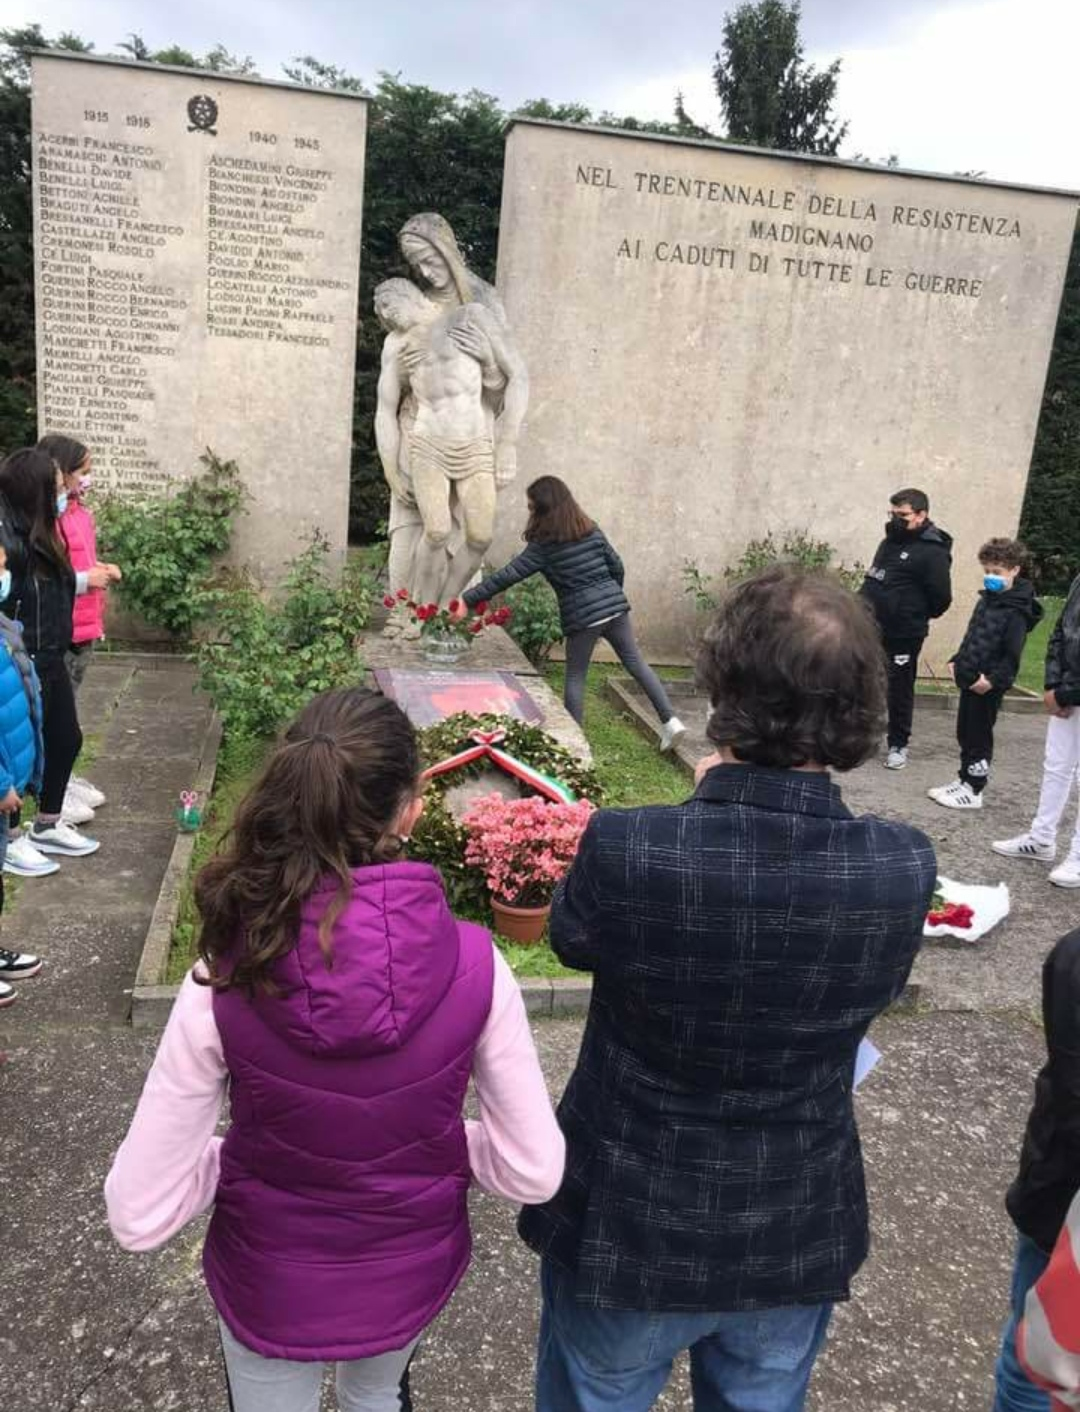 Alex Corlazzoli e i suoi alunni tornano a posare fiori e il manifesto dell'Anpi al monumento ai caduti di Madignano. L'amministrazione comunale li lascerà al loro posto?